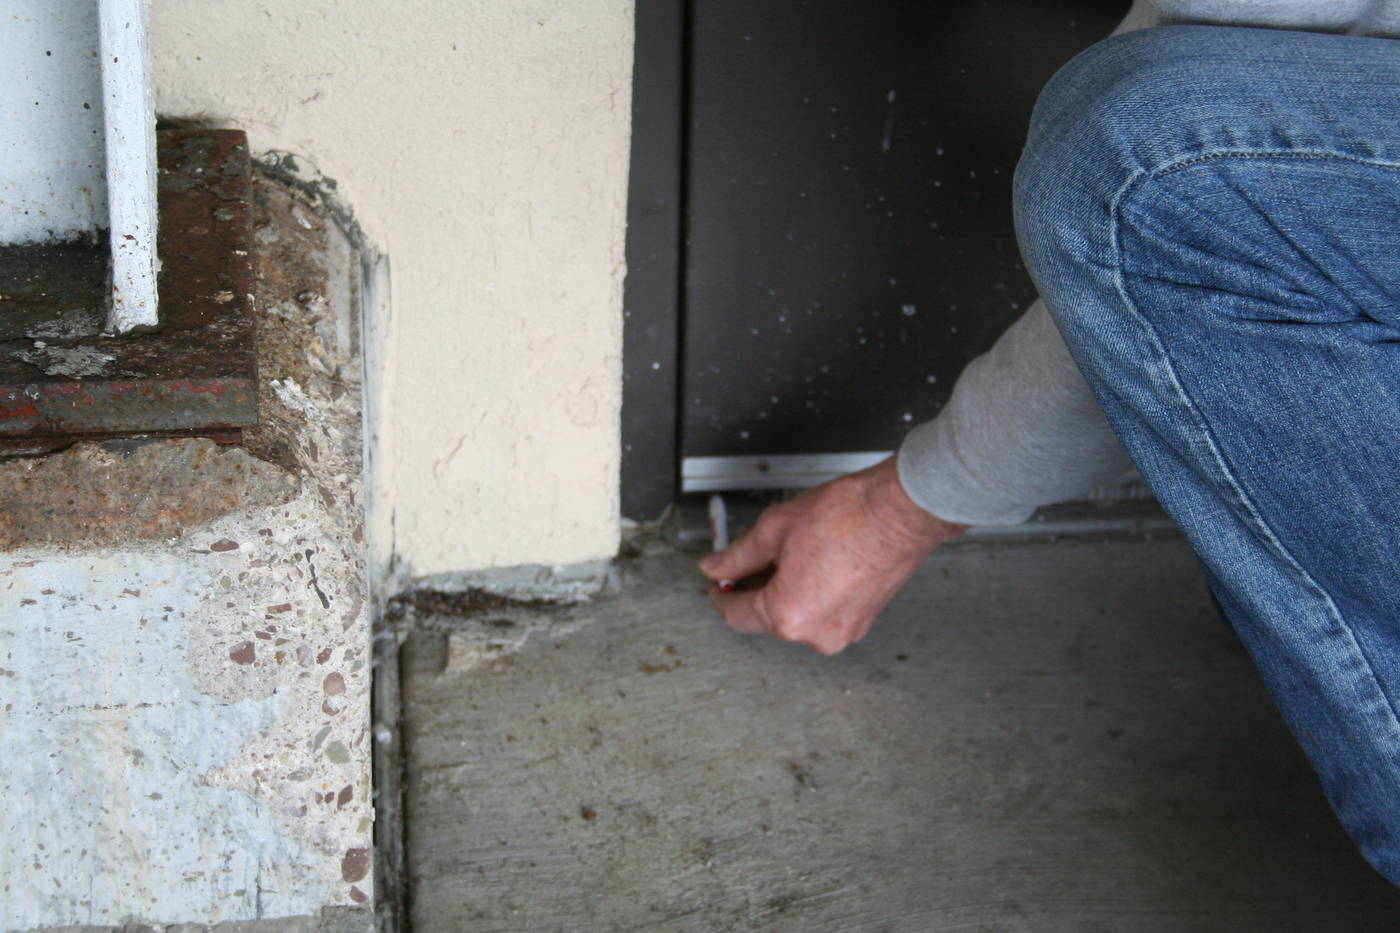 Checking door sweep